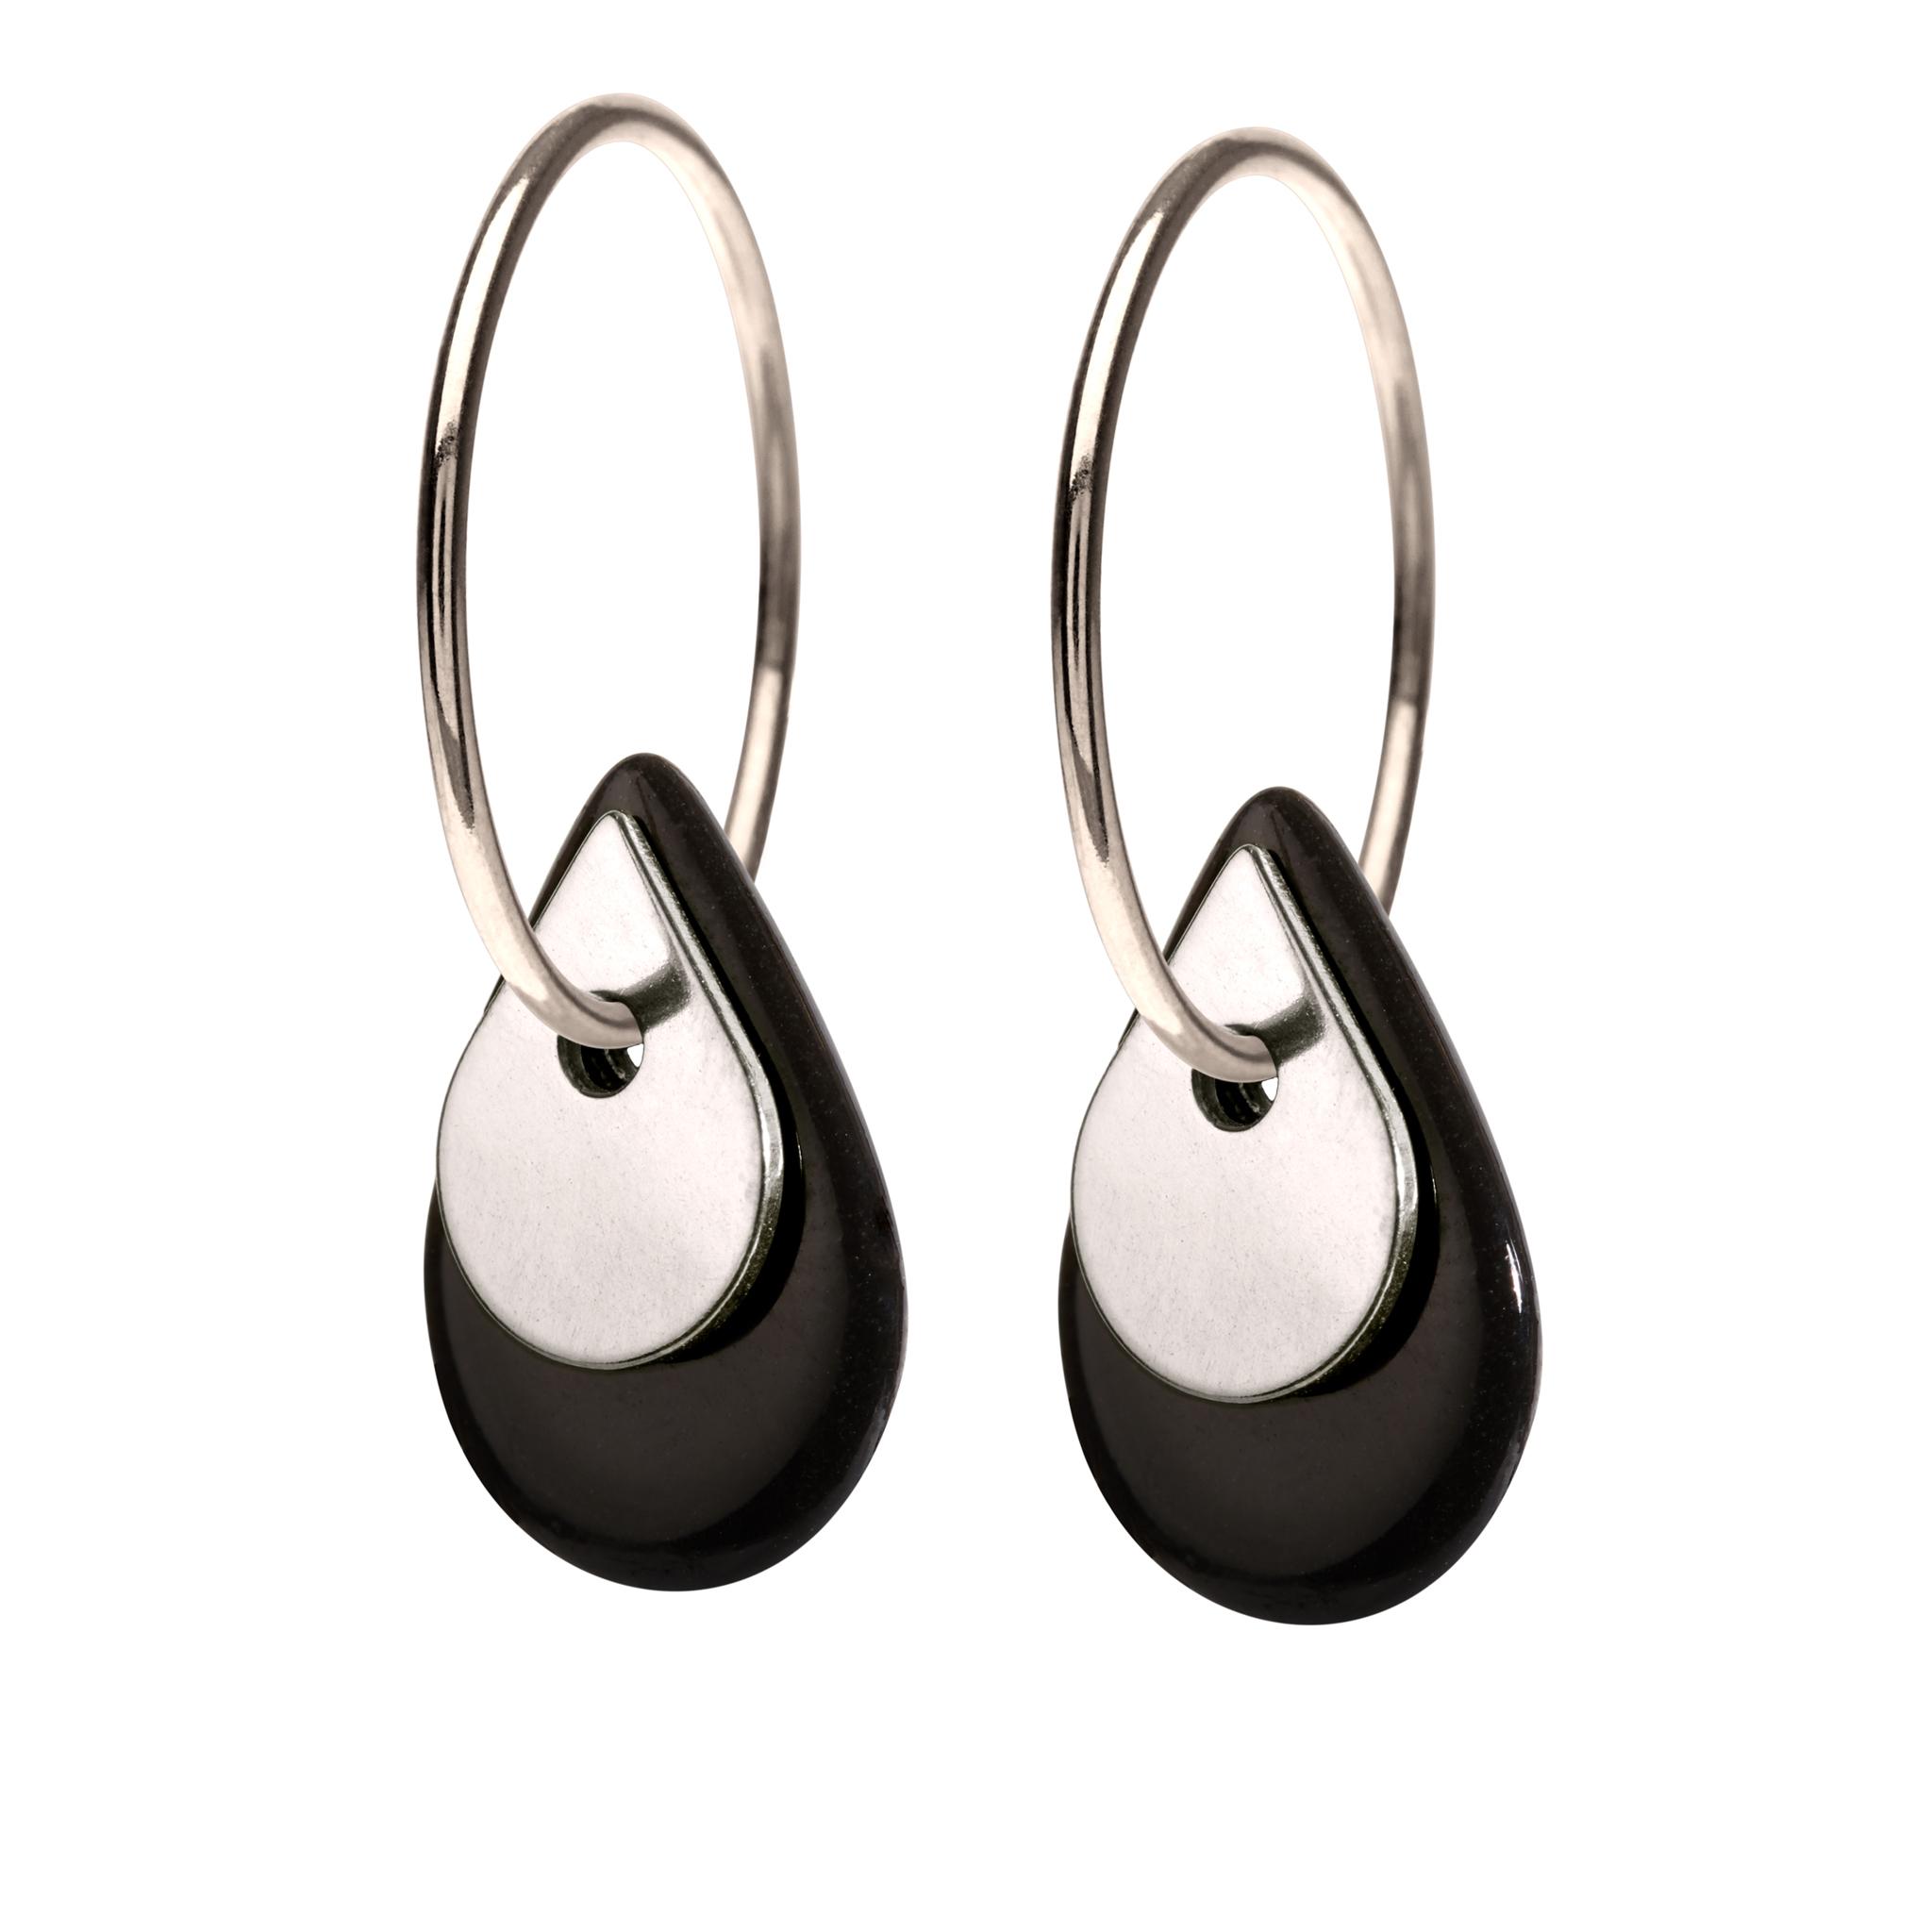 Duo Black Sterling Sølv Øreringe fra Scherning med Porcelæn